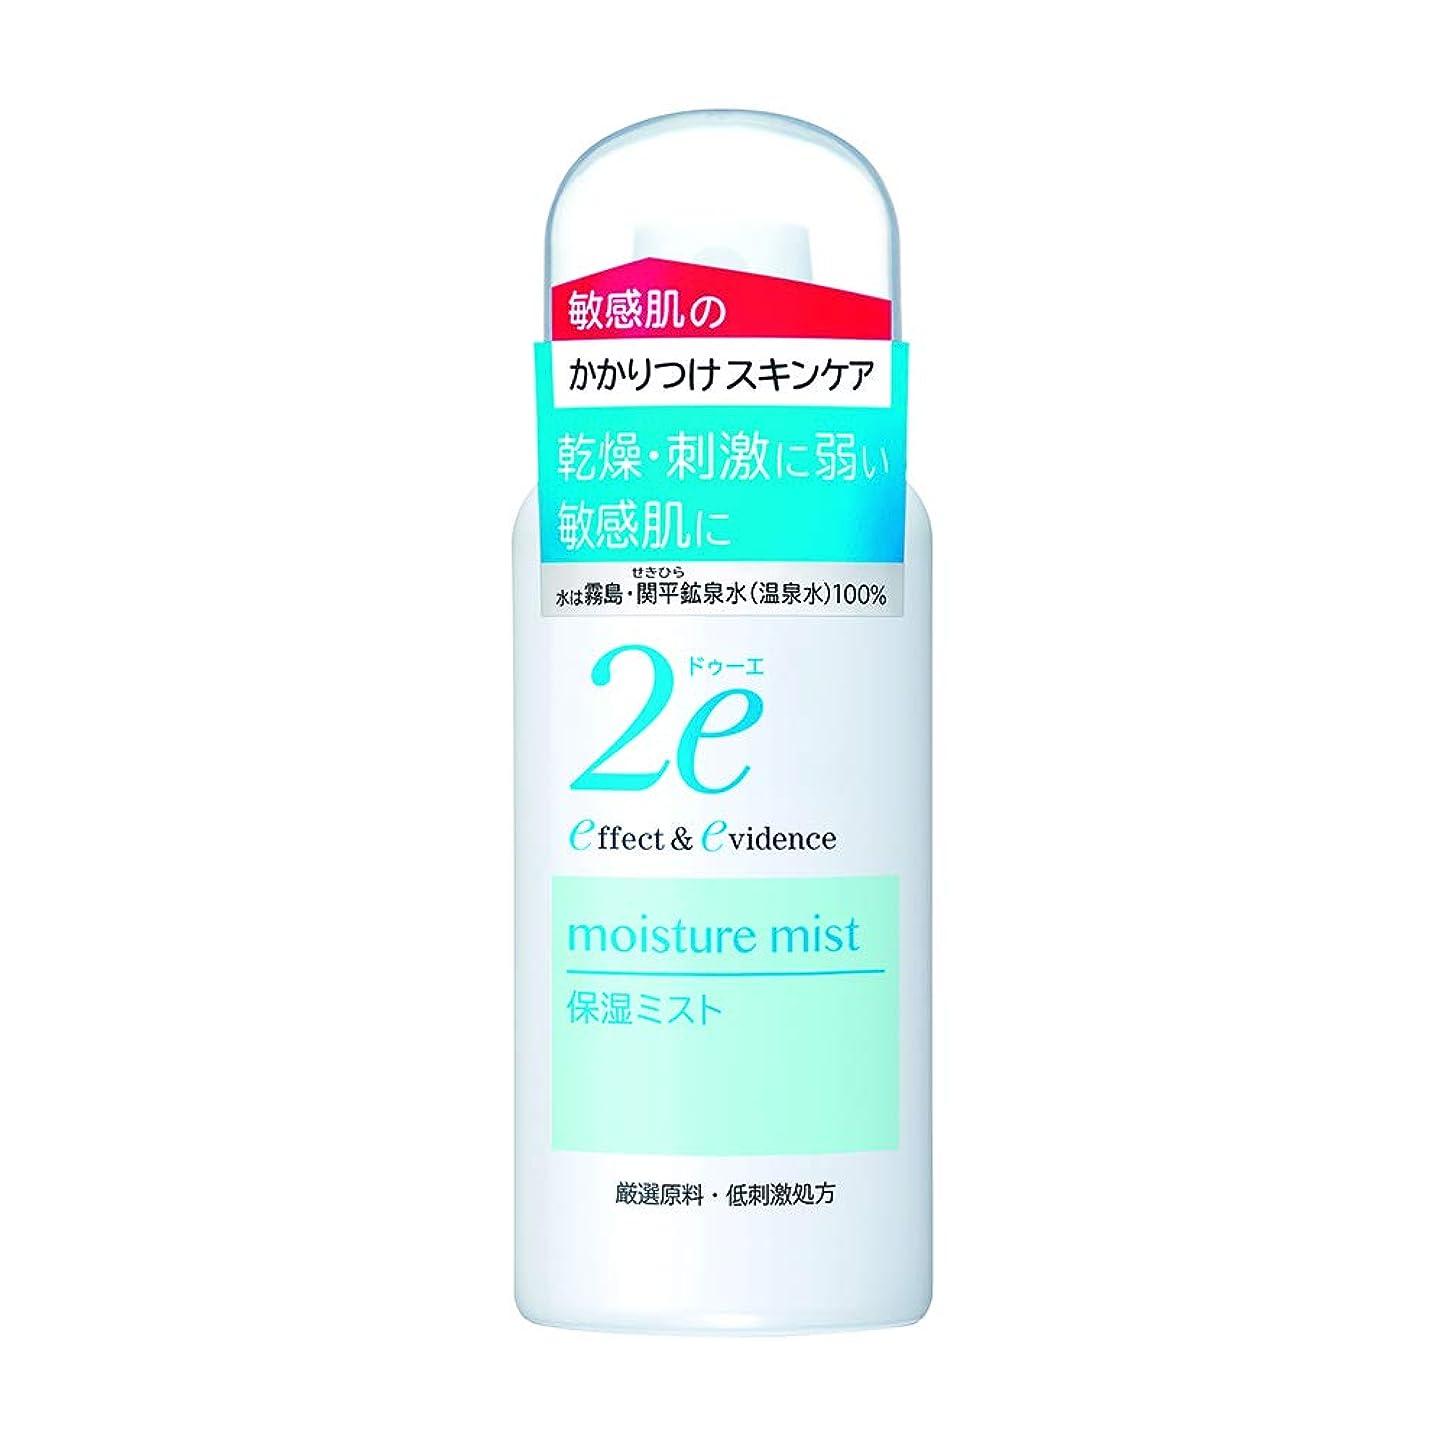 バストベーコン差2e(ドゥーエ) 保湿ミスト 携帯用 敏感肌用化粧水 スプレータイプ 低刺激処方 50g